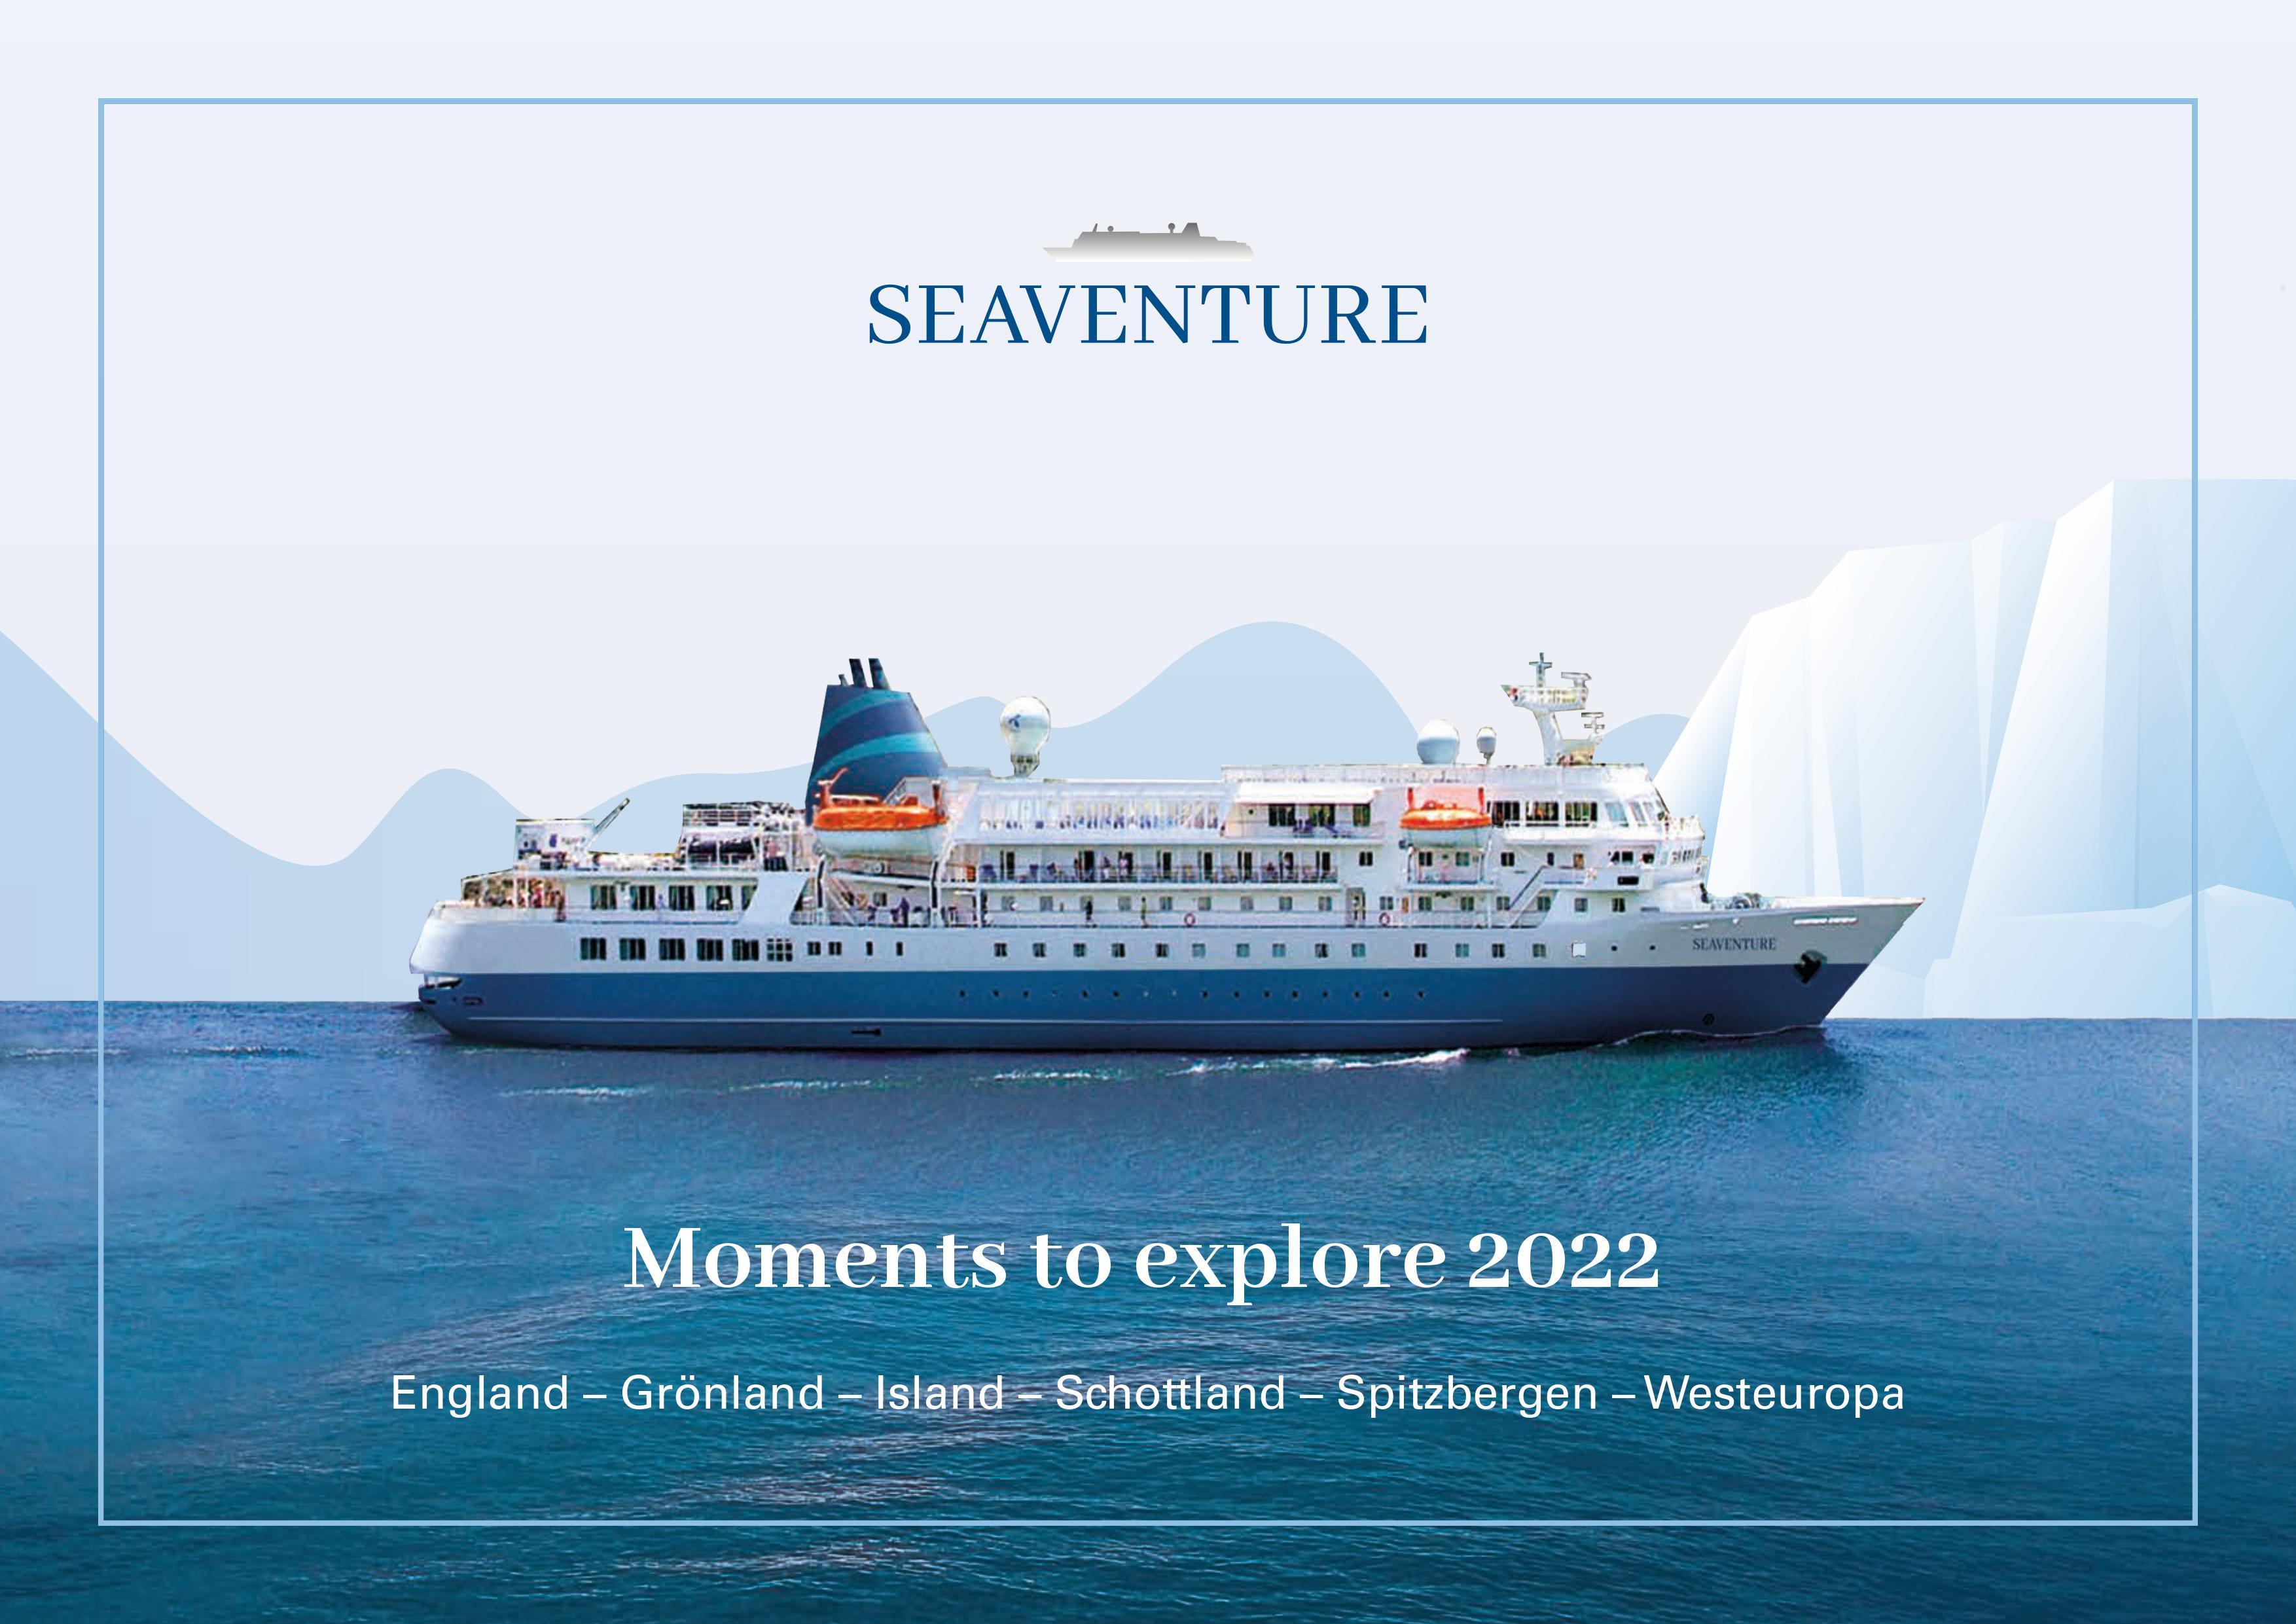 SEAVENTURE 2022 COVER